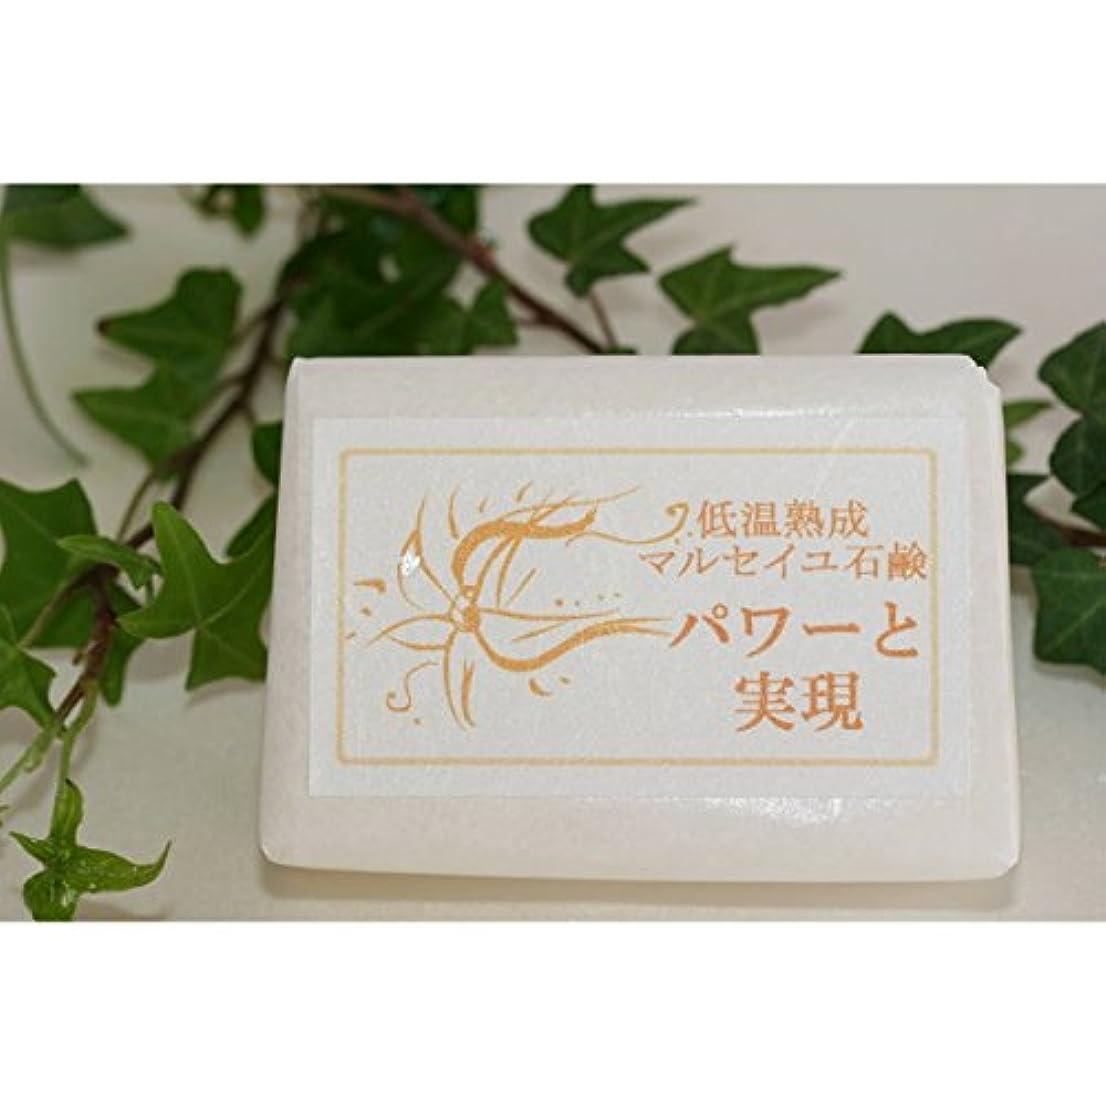 品種単にクレアマウントフジ フラワーエッセンス 低温熟成 マルセイユ石鹸 パワーと実現 (MTFUJI FLOWER ESSENCES)